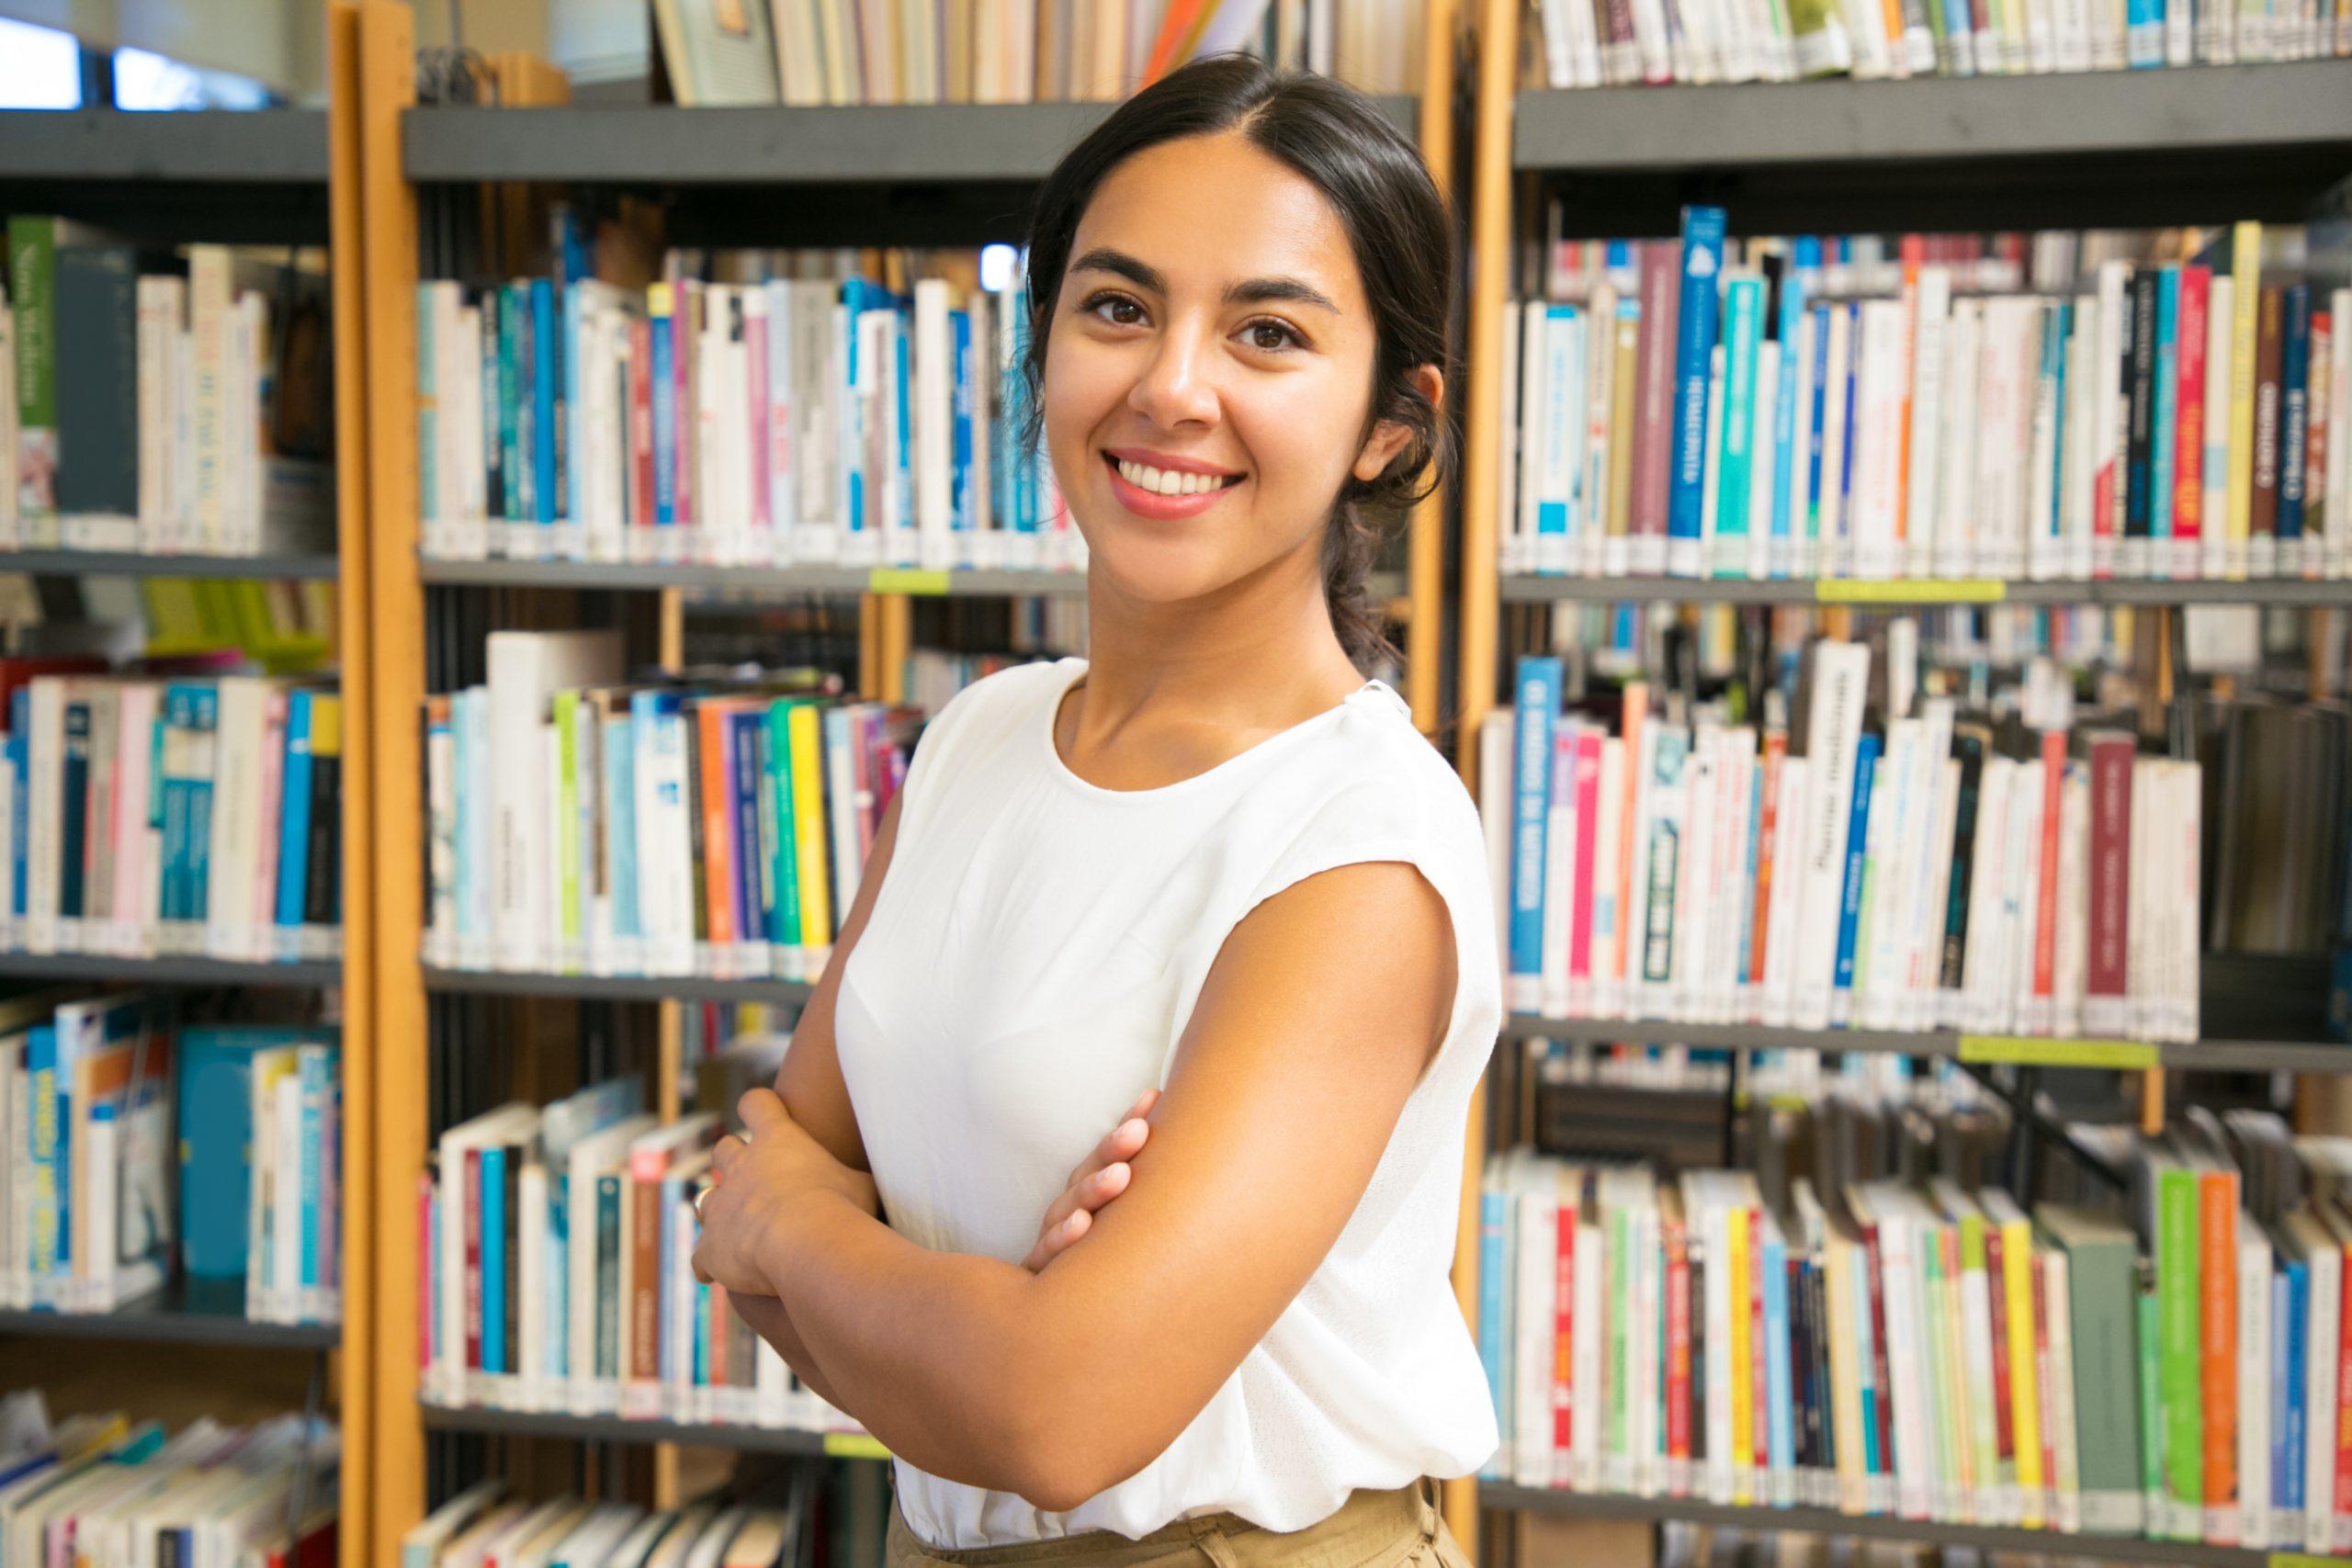 Técnico Auxiliar Bibliotecas Ayuntamiento Madrid